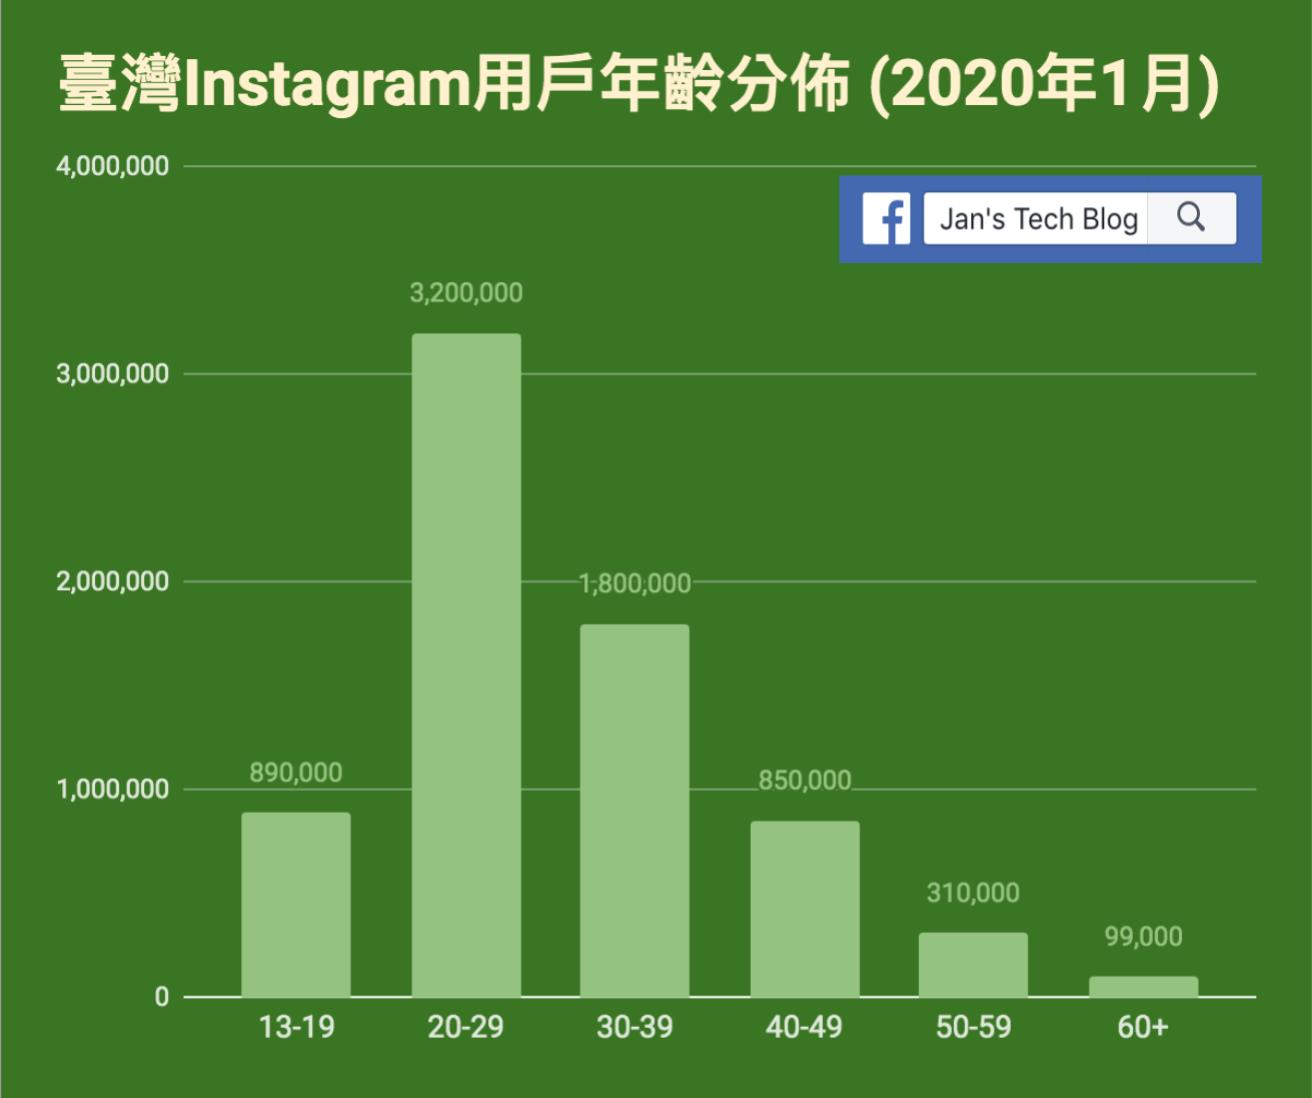 Instagram臺灣用戶的年齡分佈